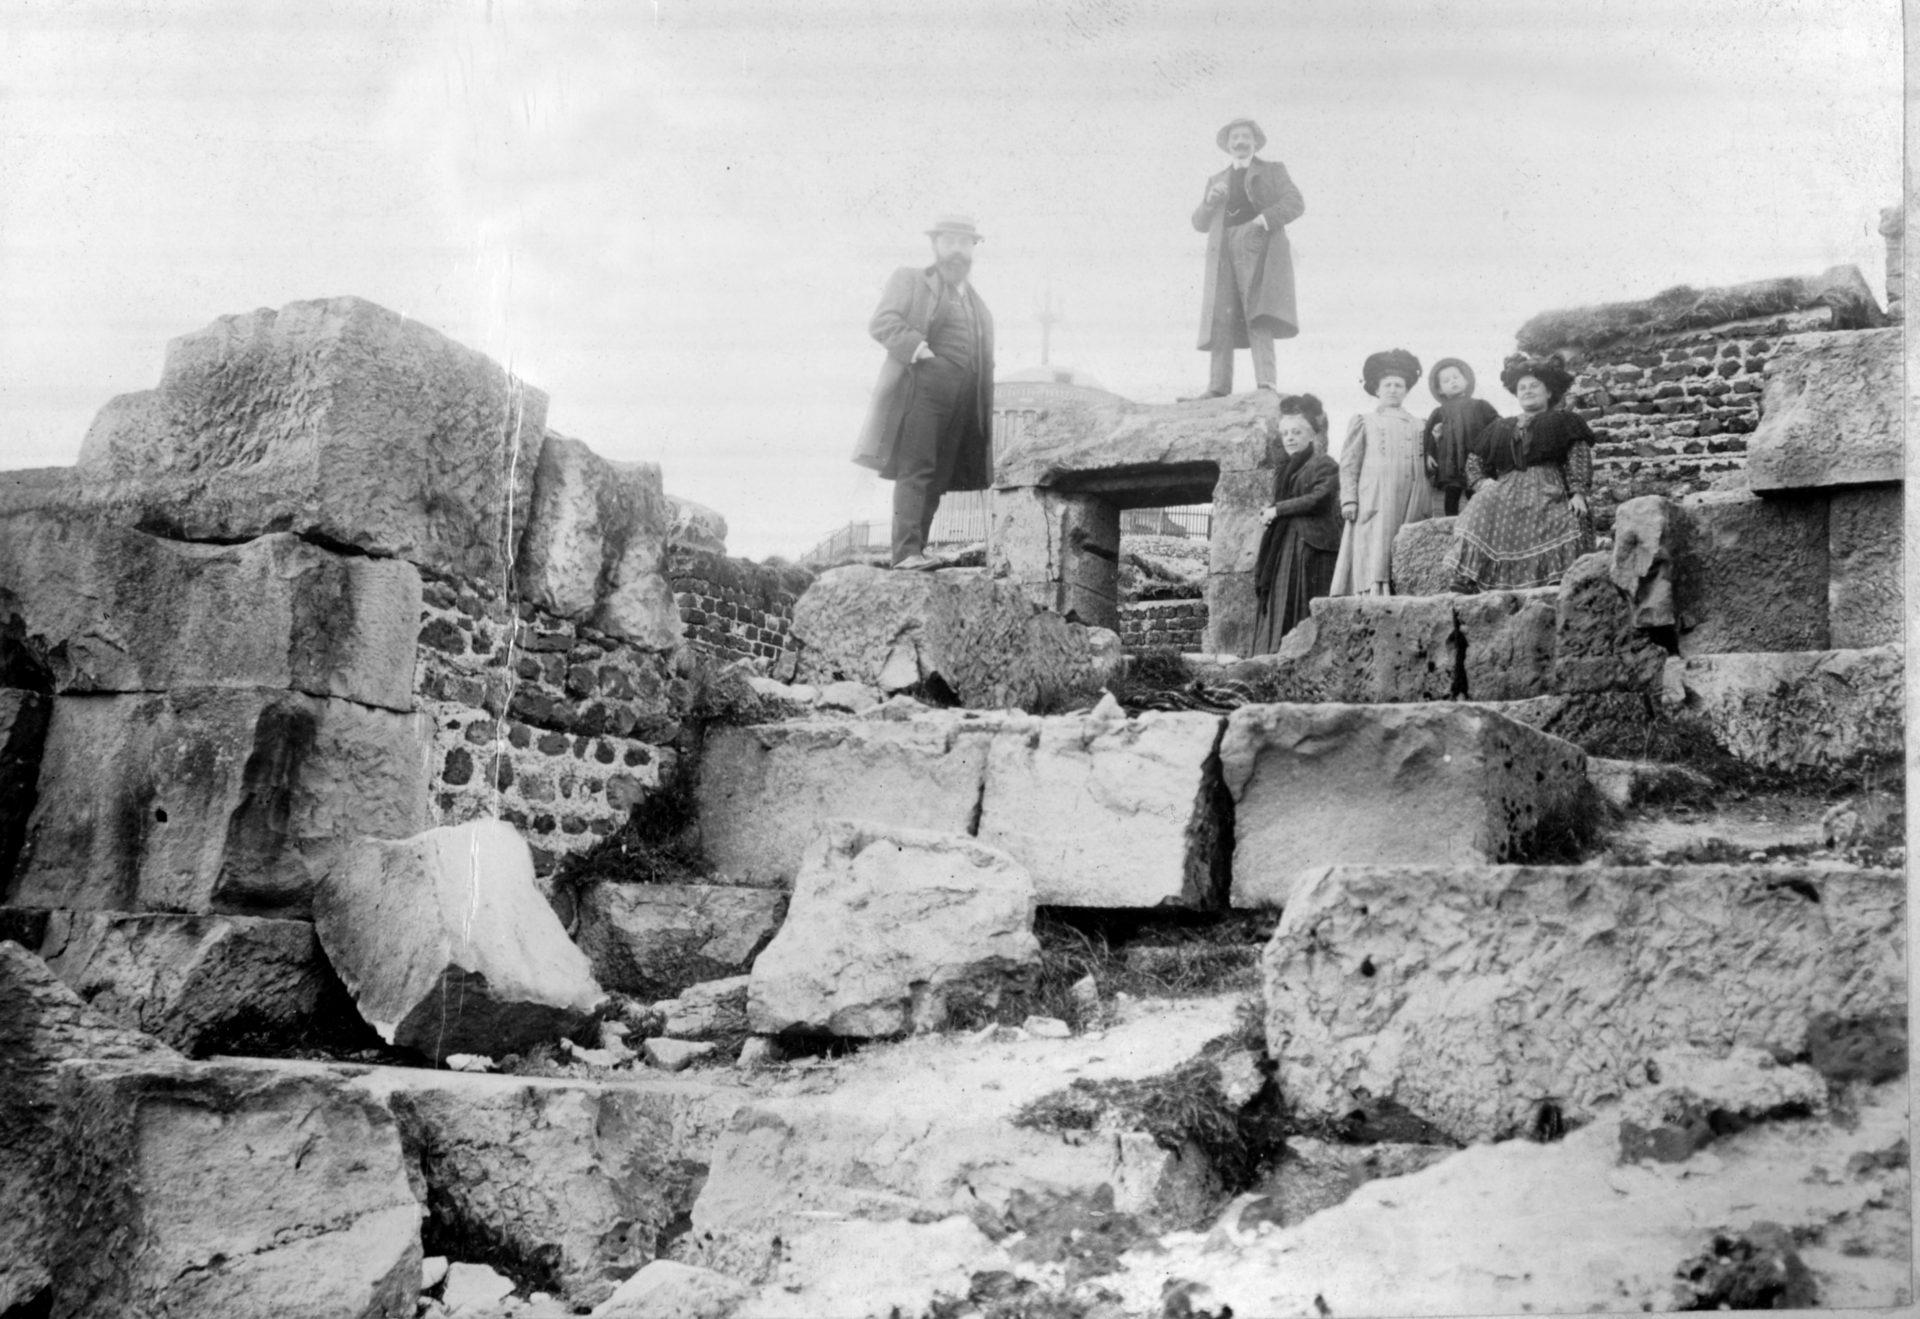 Au sommet du Puy-de-Dôme sur les ruines du temple de Mercure - Alexandre Varenne à gauche